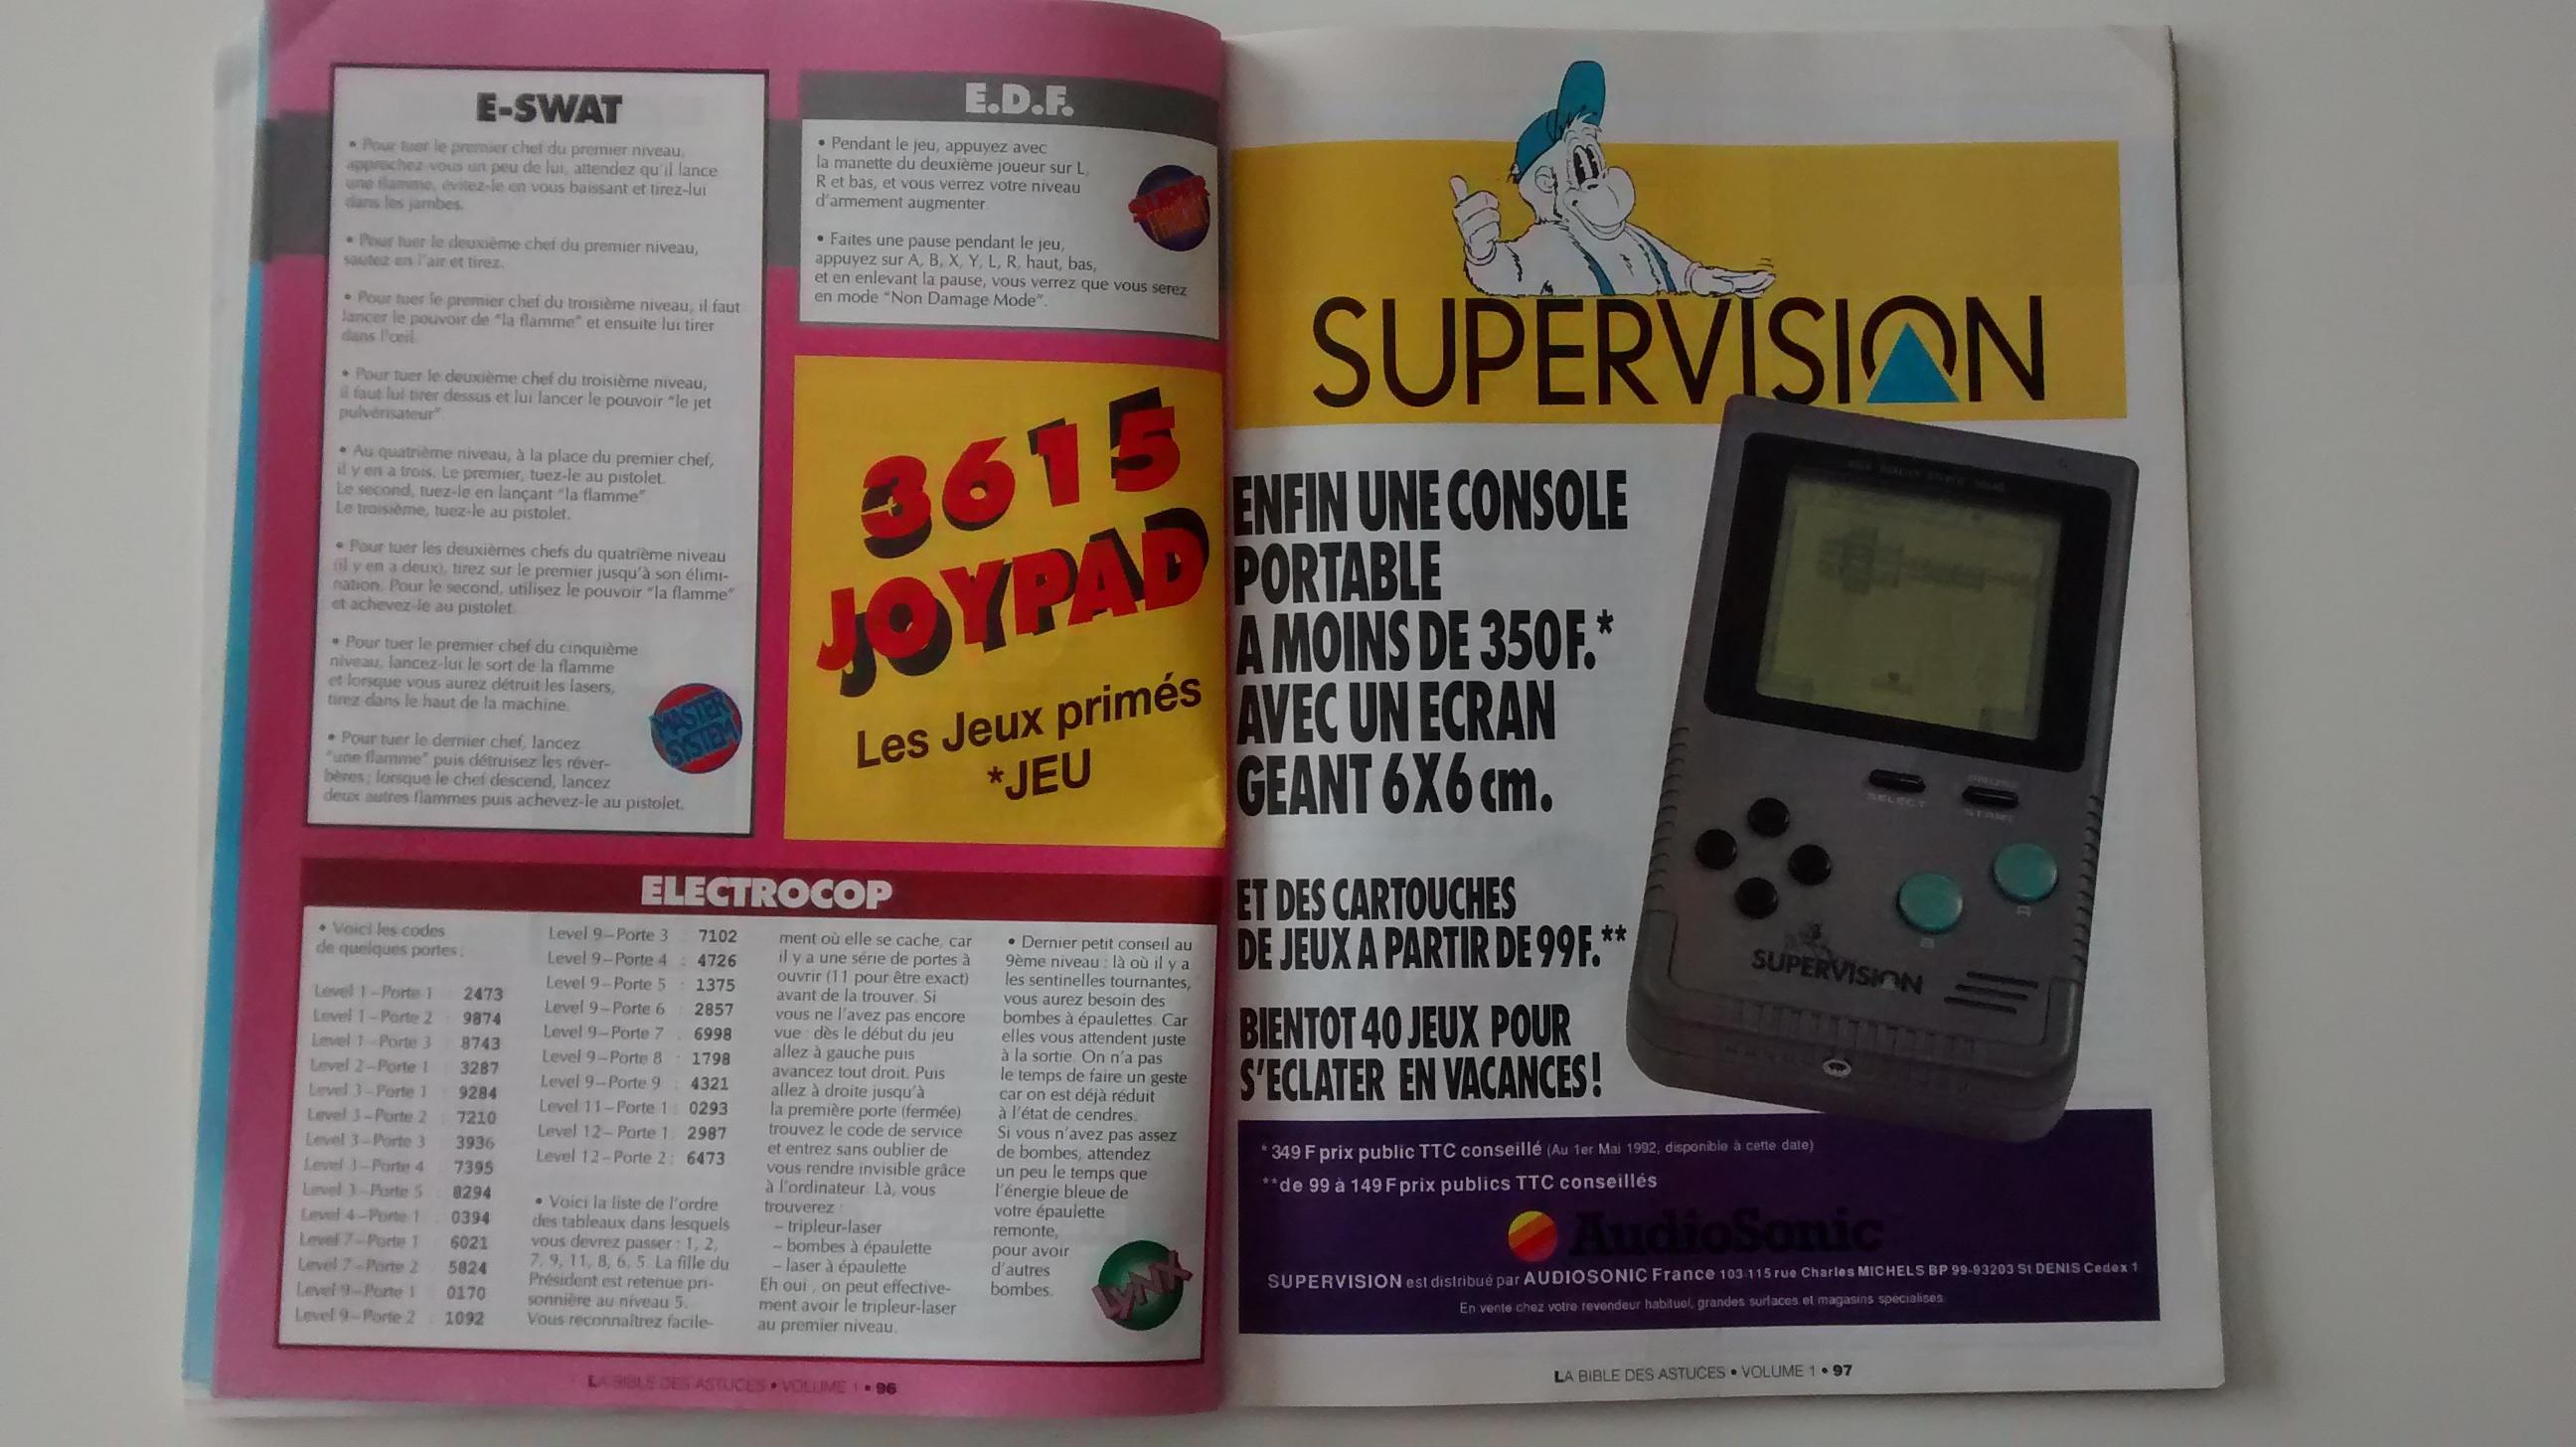 [MAGAZINE] La bible des astuces sur consoles 130126IMG20150404143219718